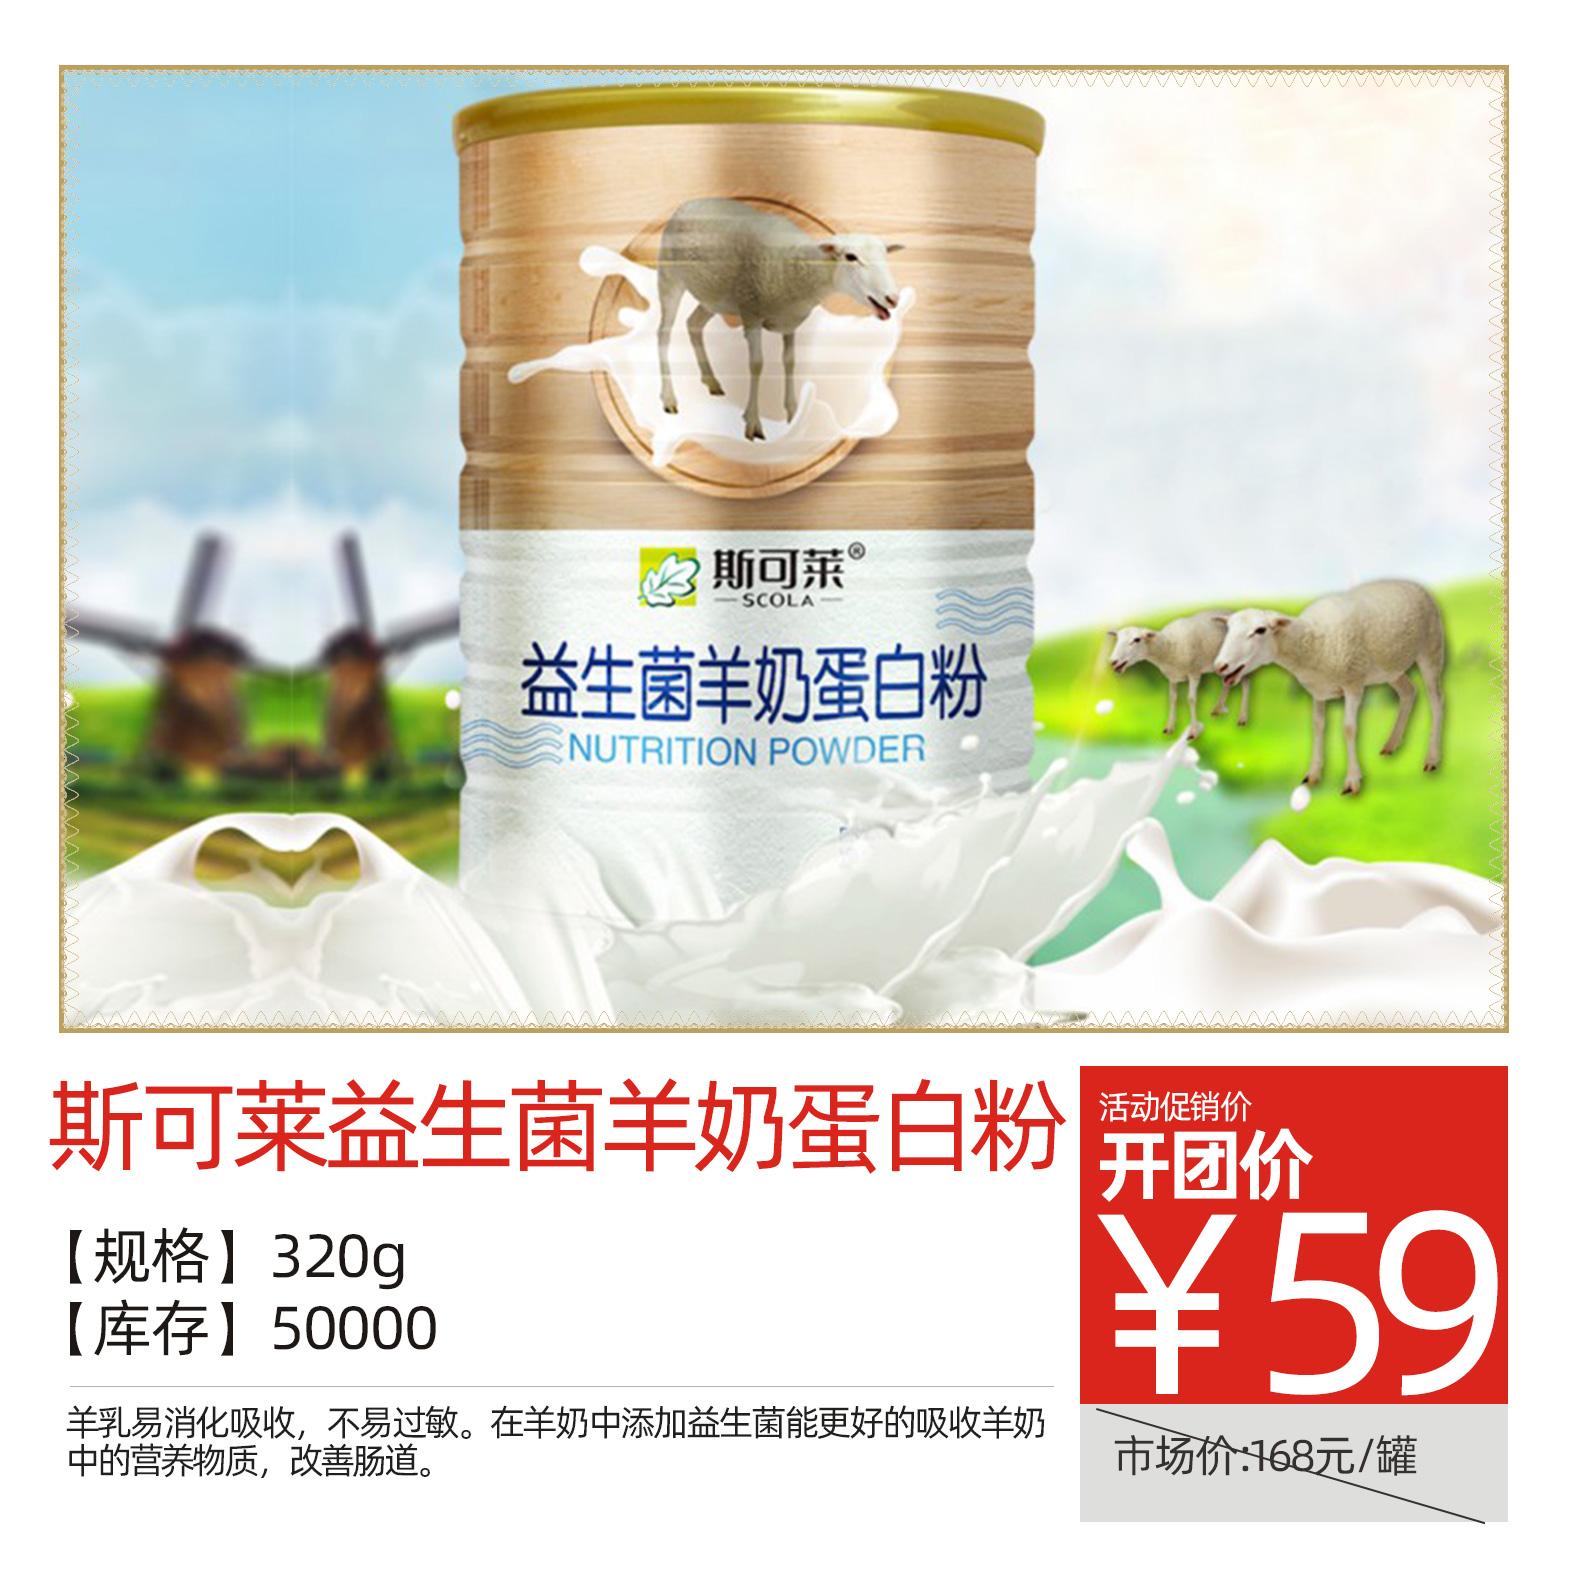 斯可莱益生菌羊奶蛋白粉